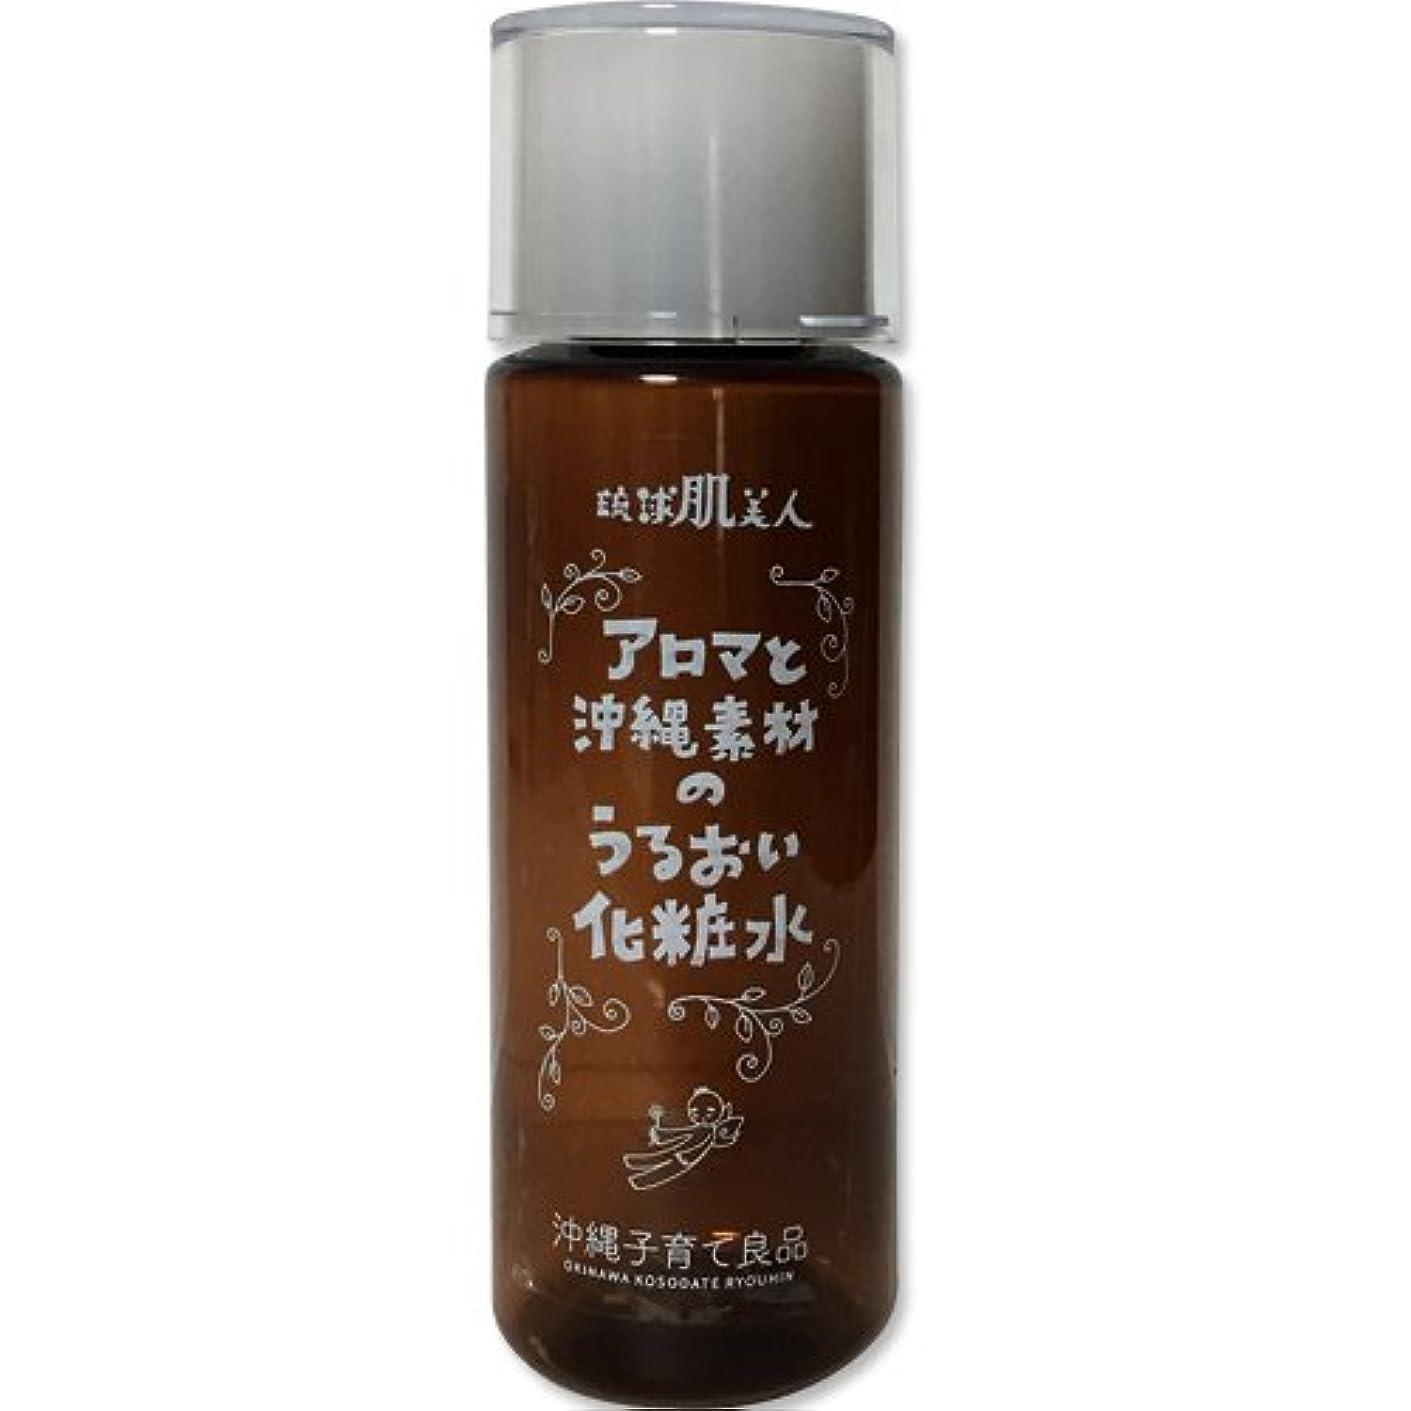 文化狭いスピーチ保湿 化粧水 無添加 アルコールフリー アロマと沖縄素材のうるおい化粧水 120ml